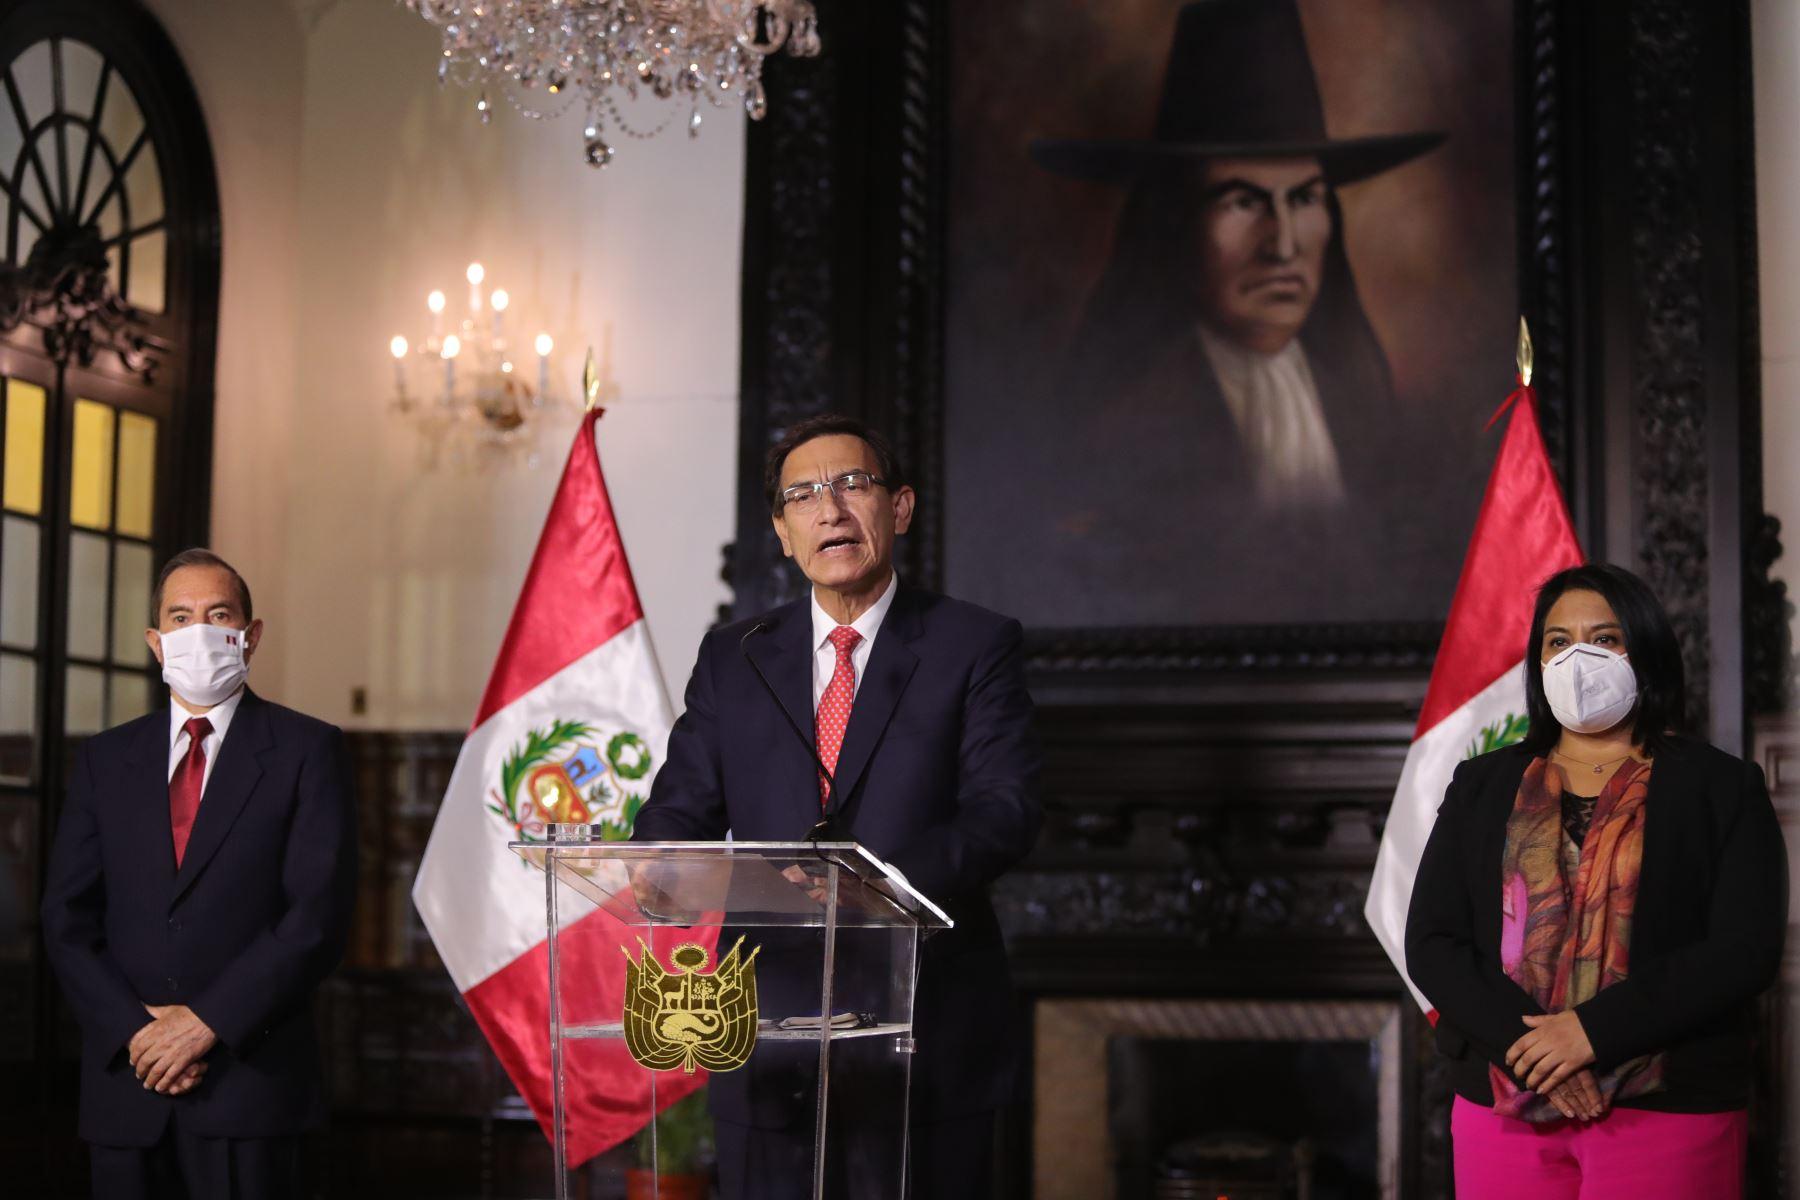 Martín Vizcarra presidente de Perú corre riesgo de destitución